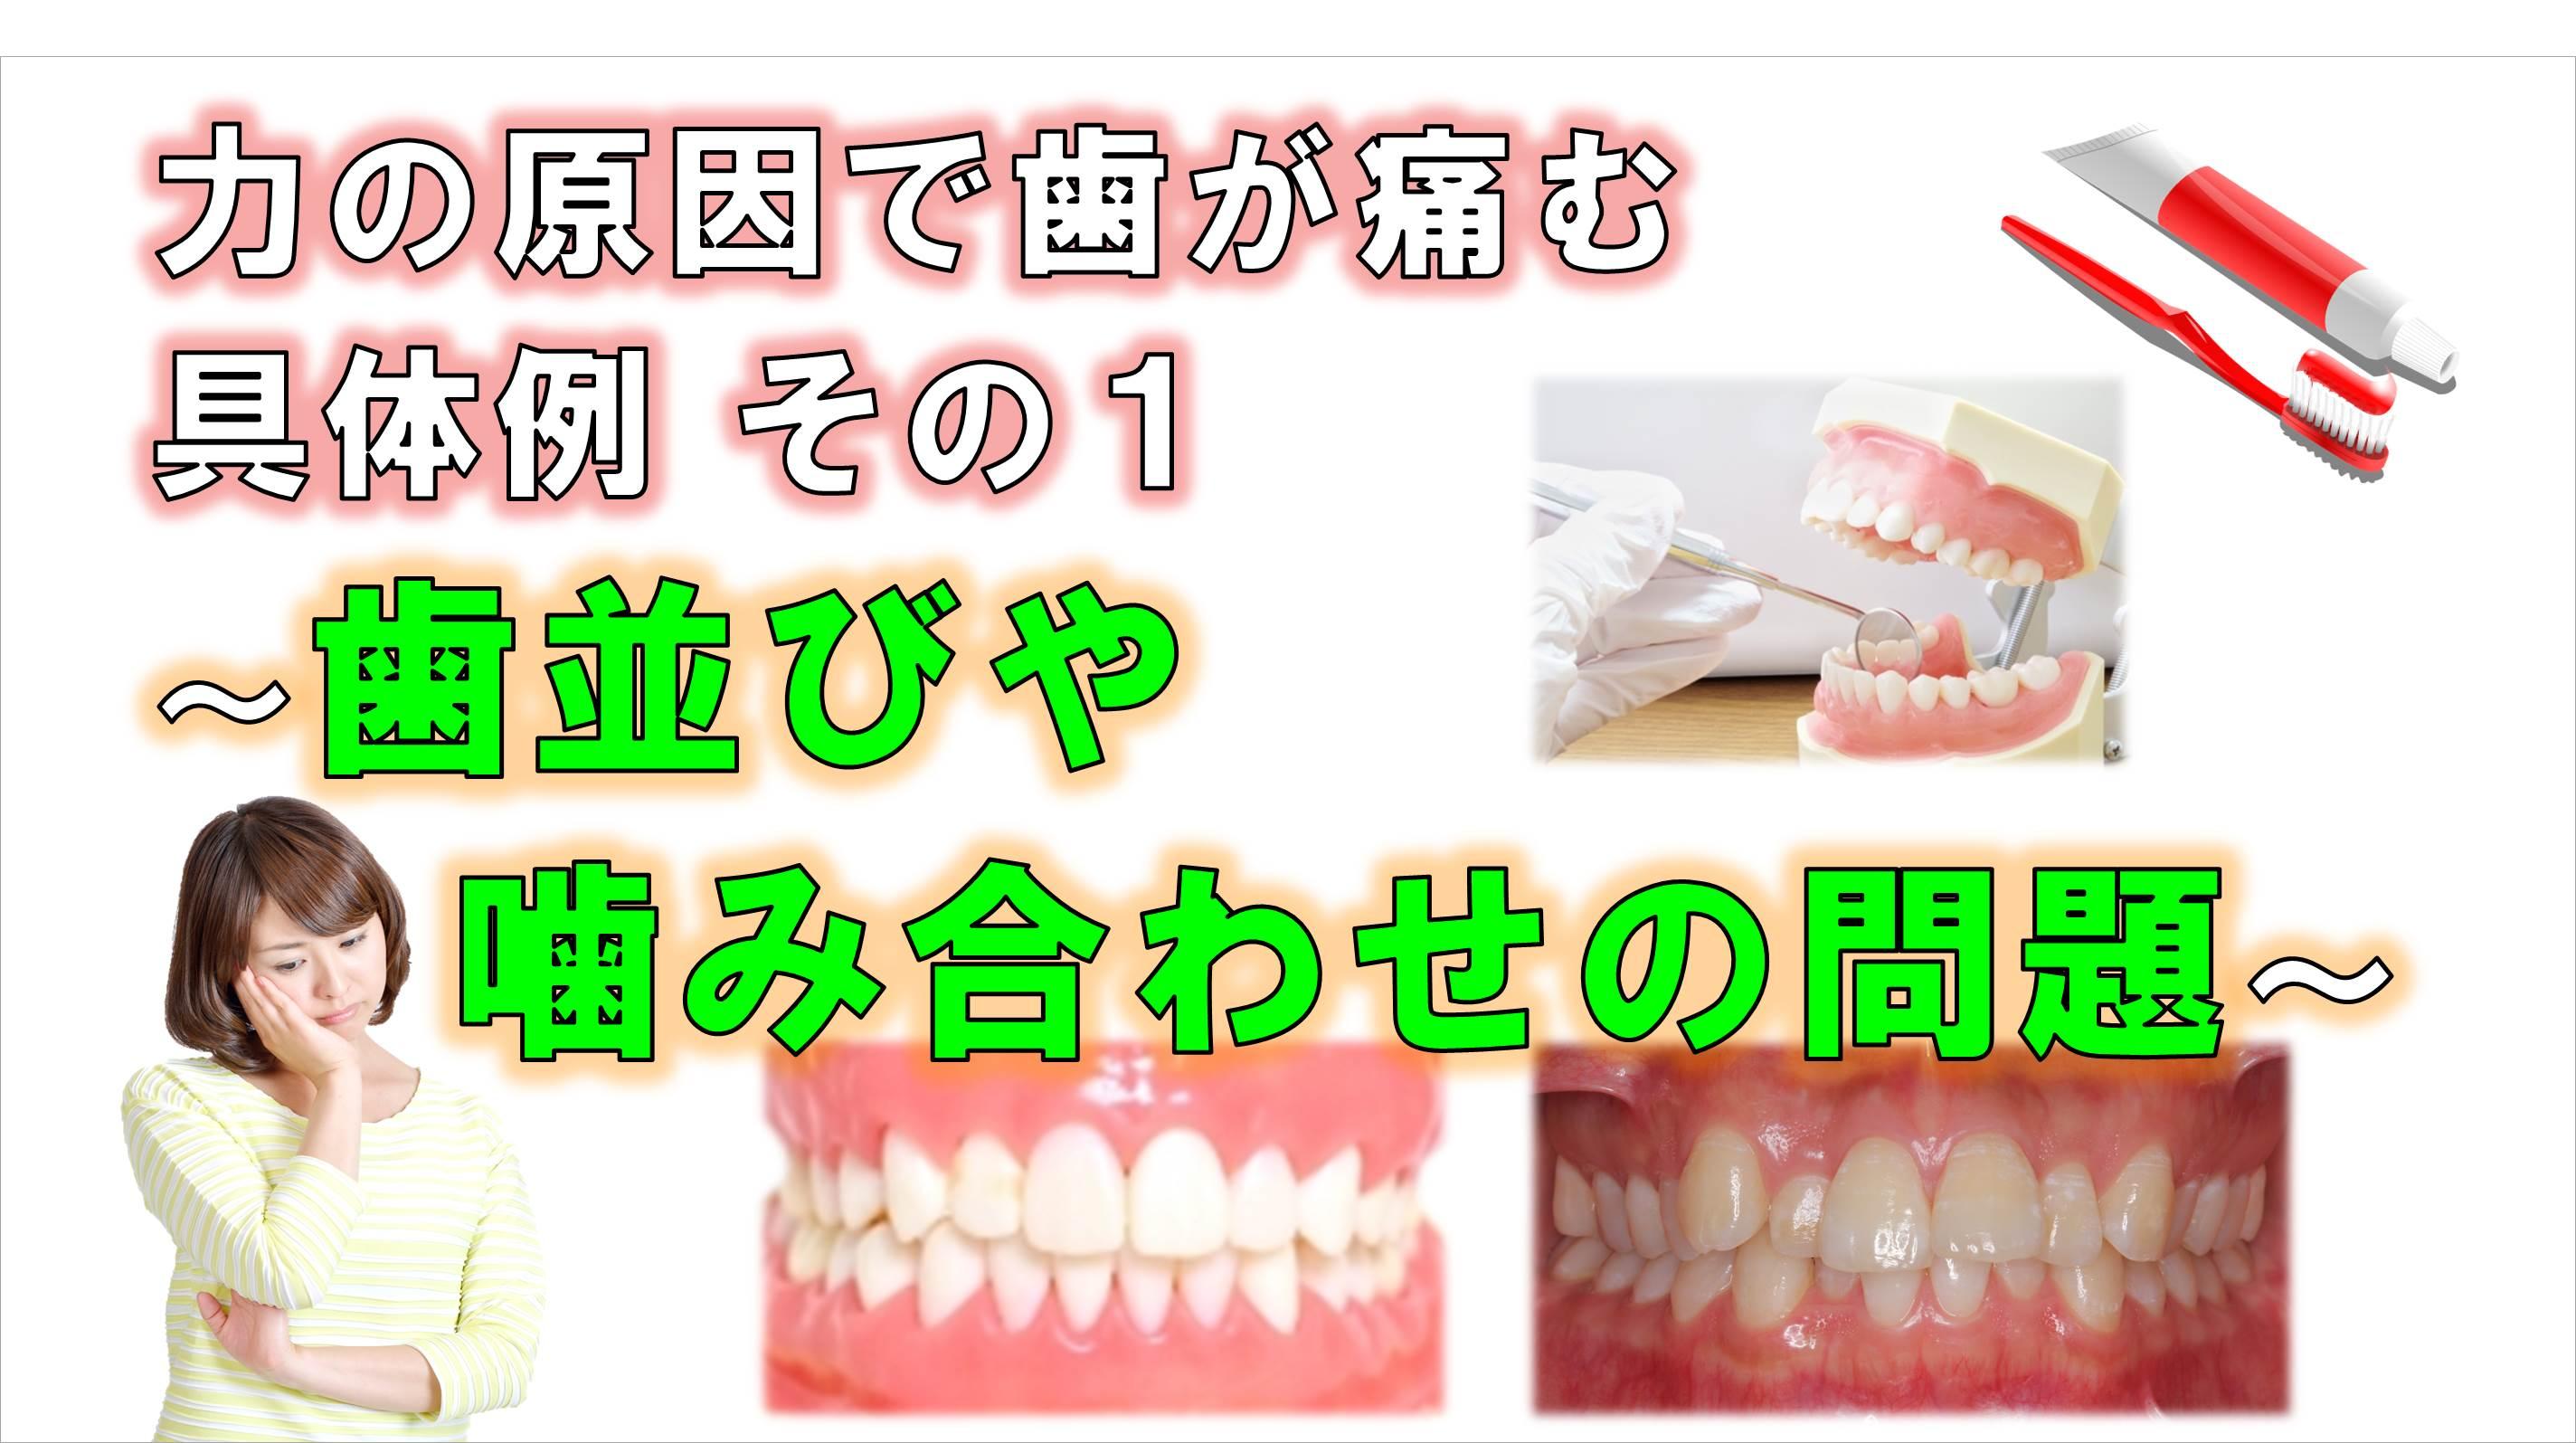 歯科 群馬 前橋 高崎 伊勢崎 桐生 太田 歯が痛い 矯正歯科